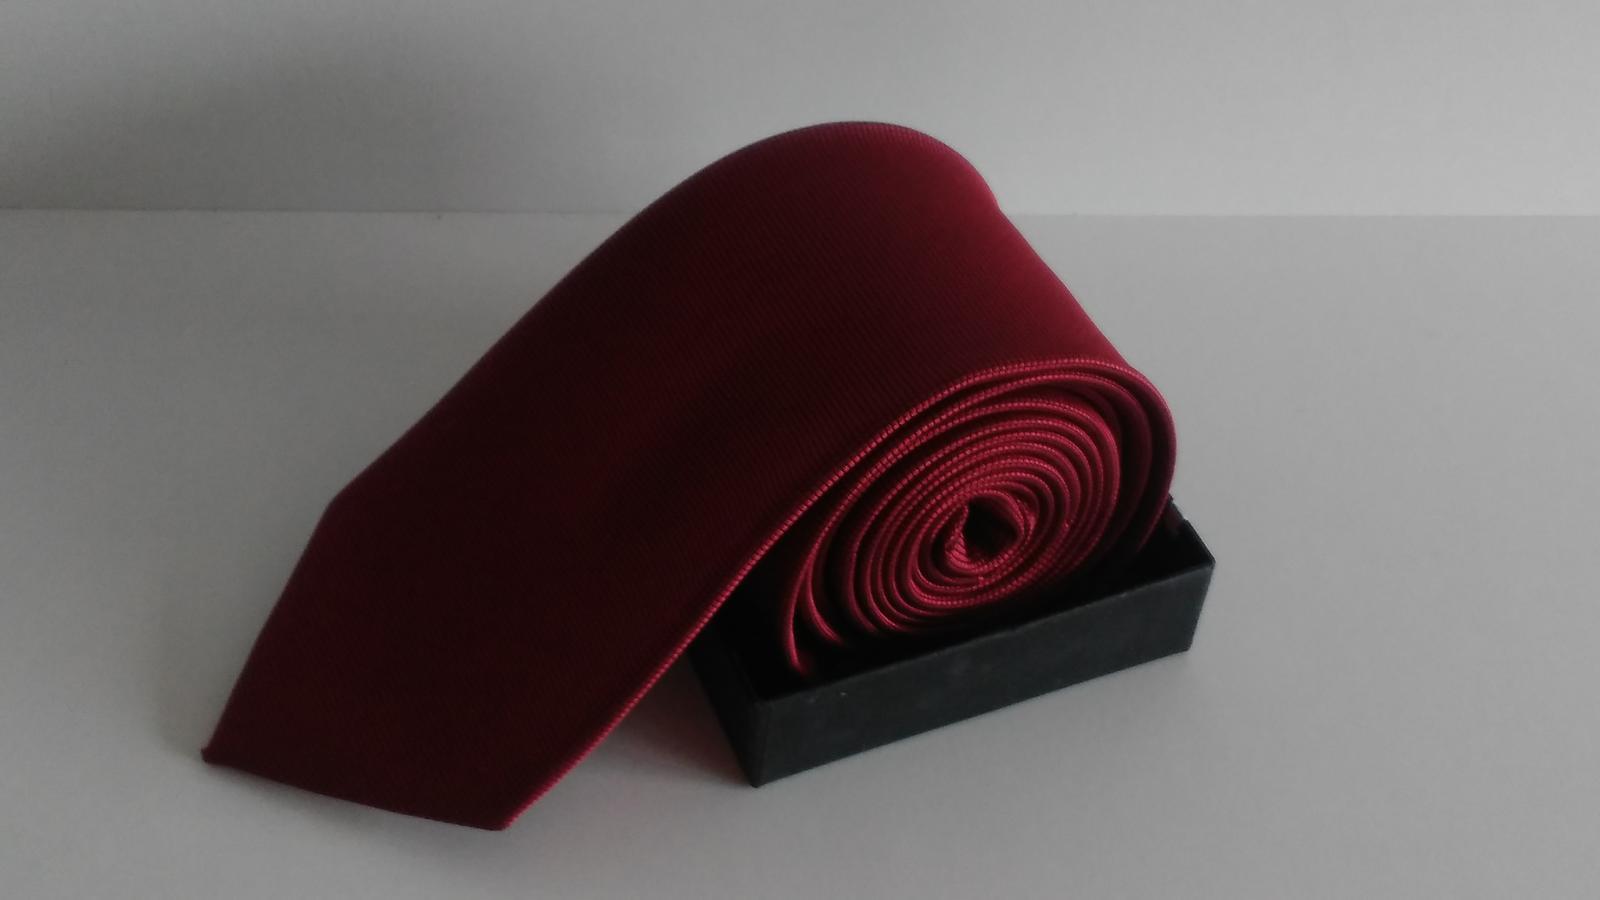 Luxusní pánská kravata červené ba s jemným vzorem  cd4199b969